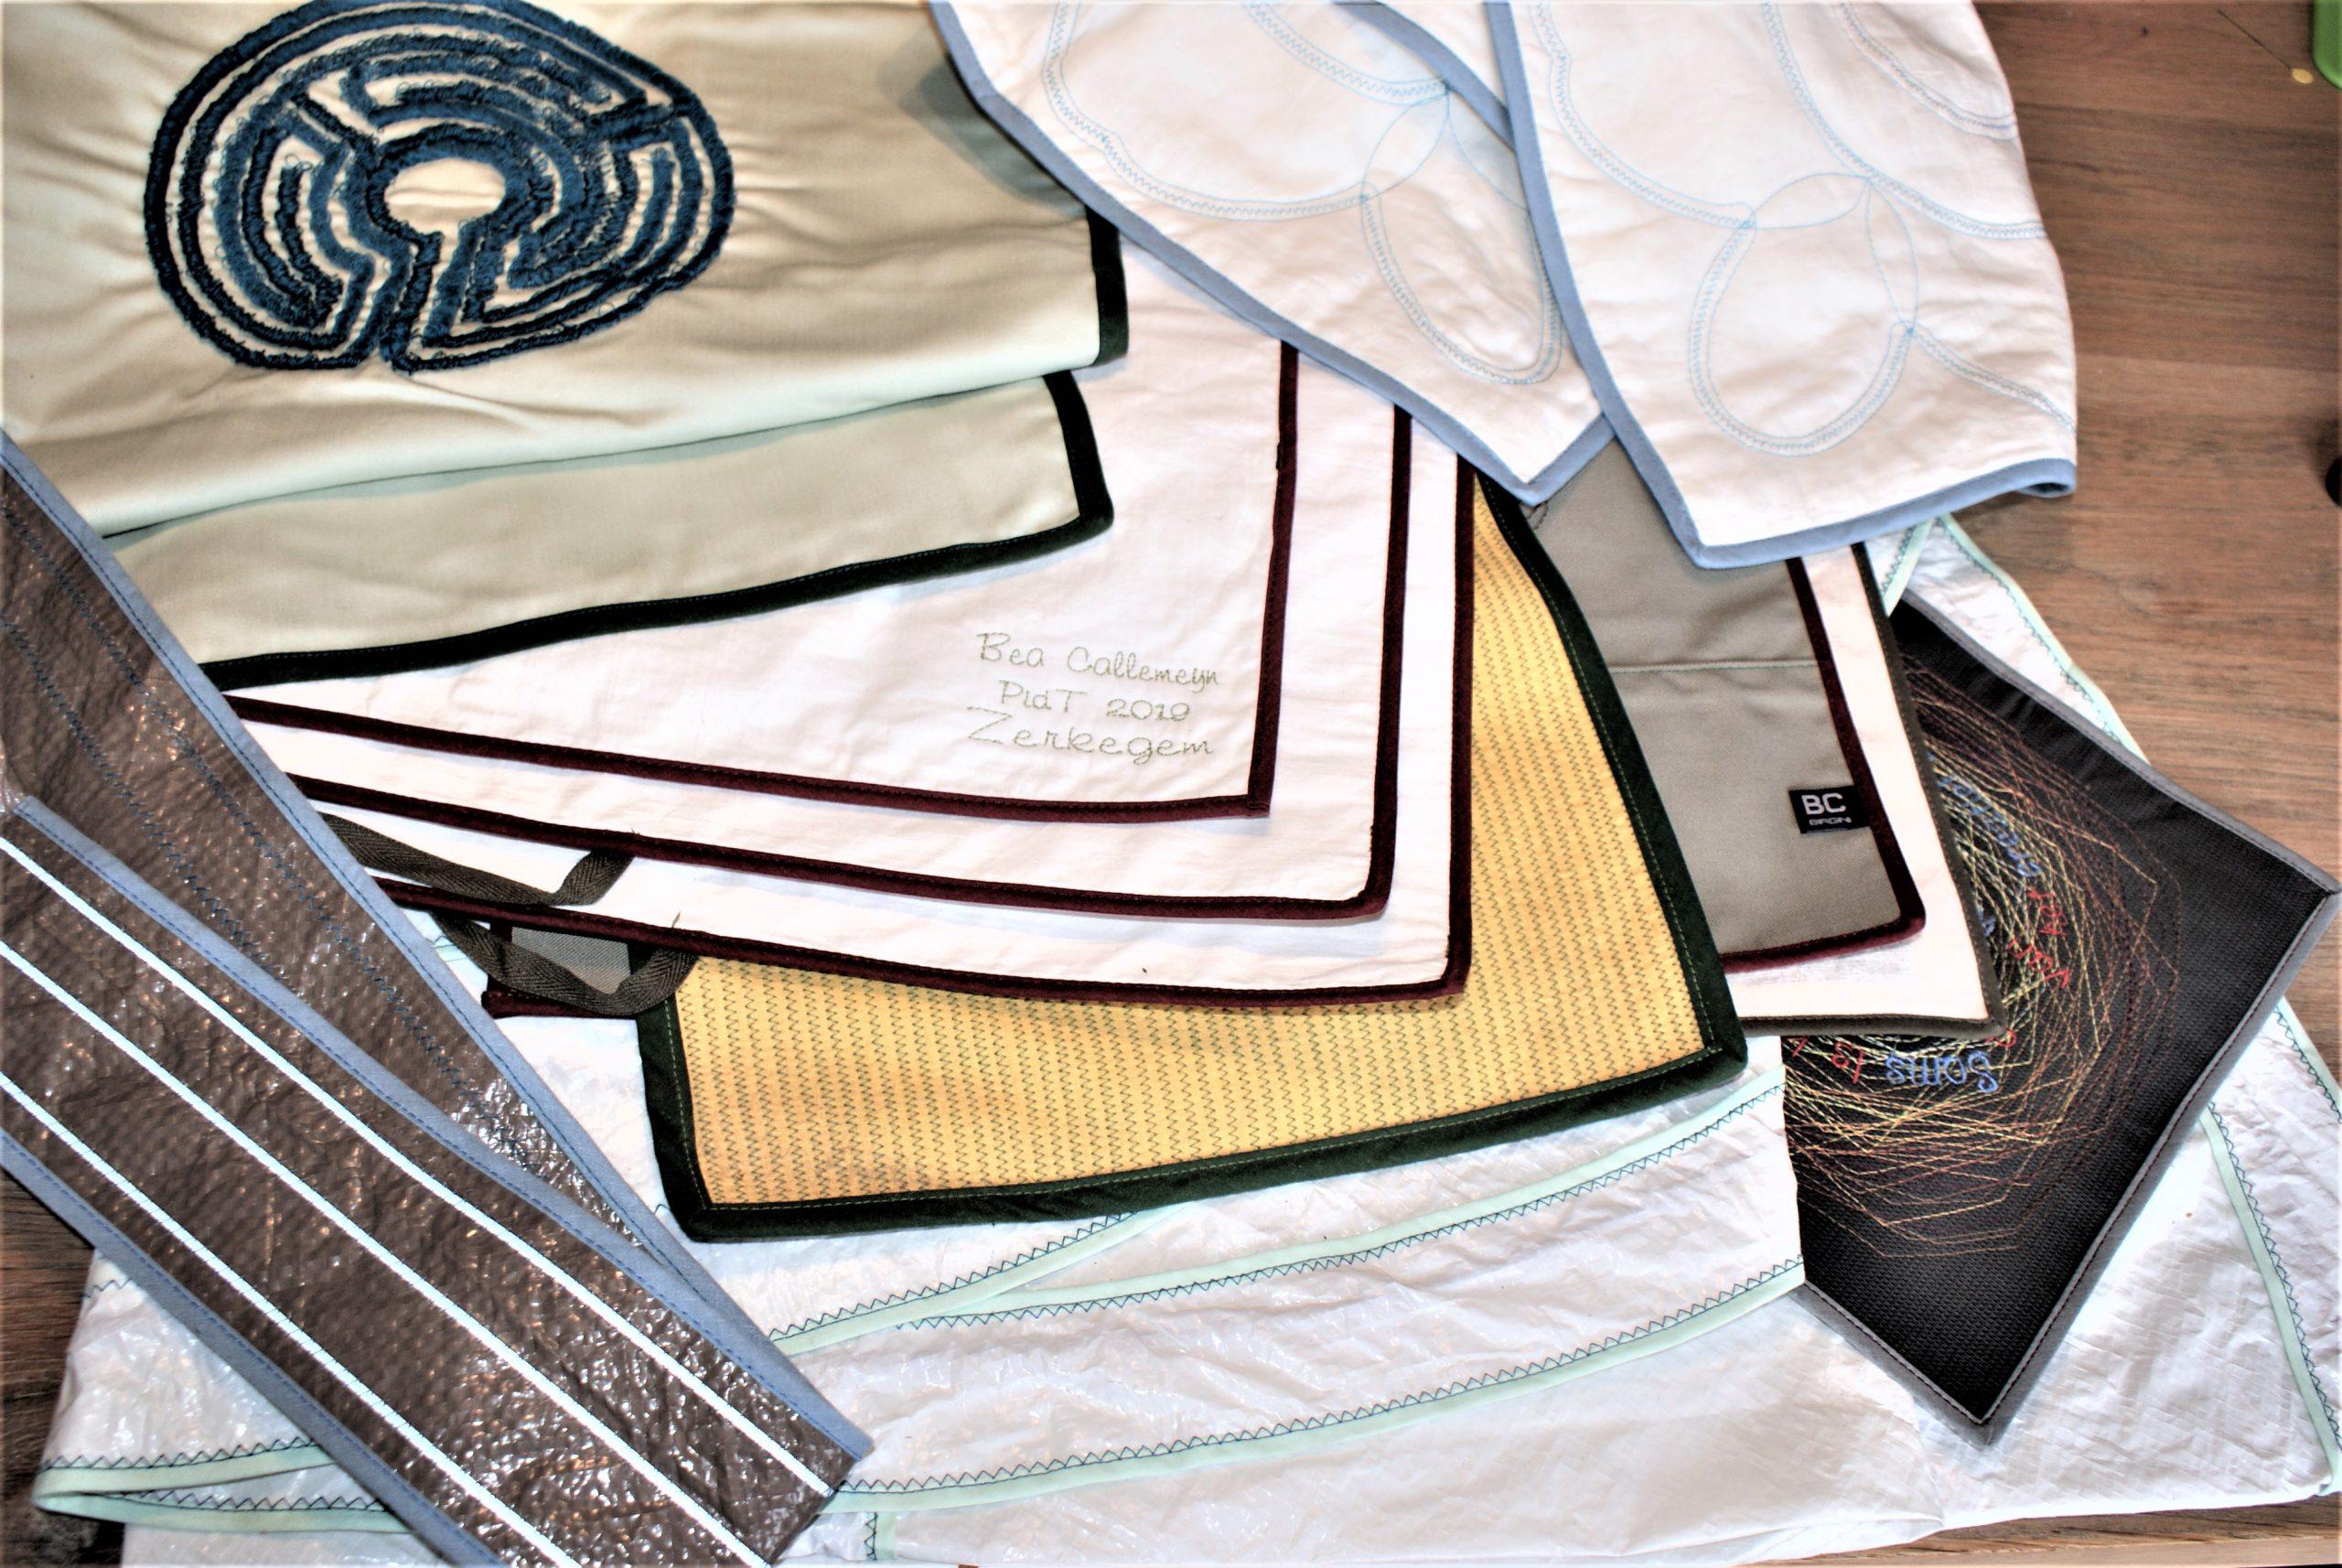 Biaisband en tips voor bandapparaten